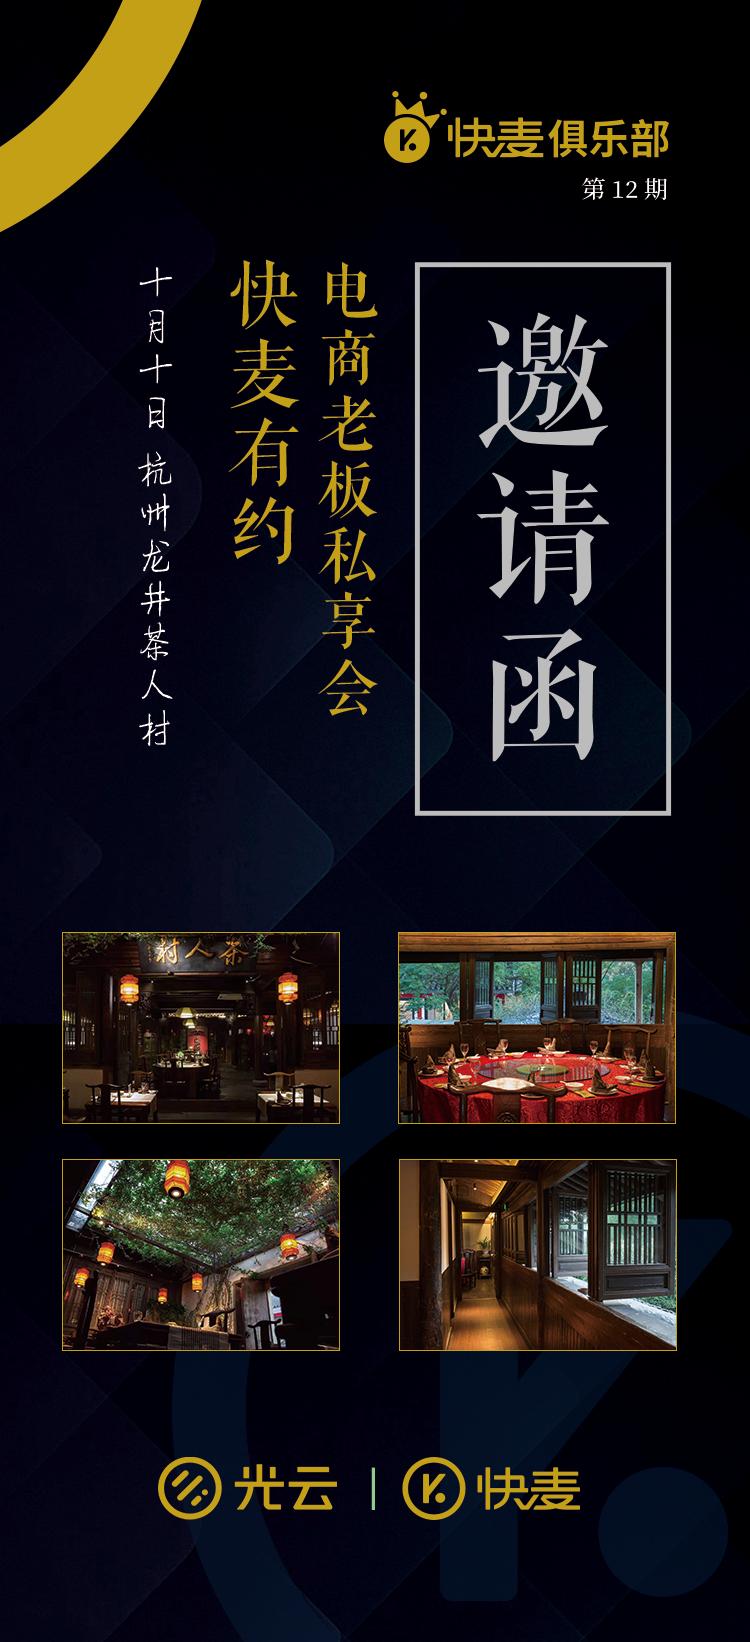 快麦俱乐部活动第11期_邀请函-6.png